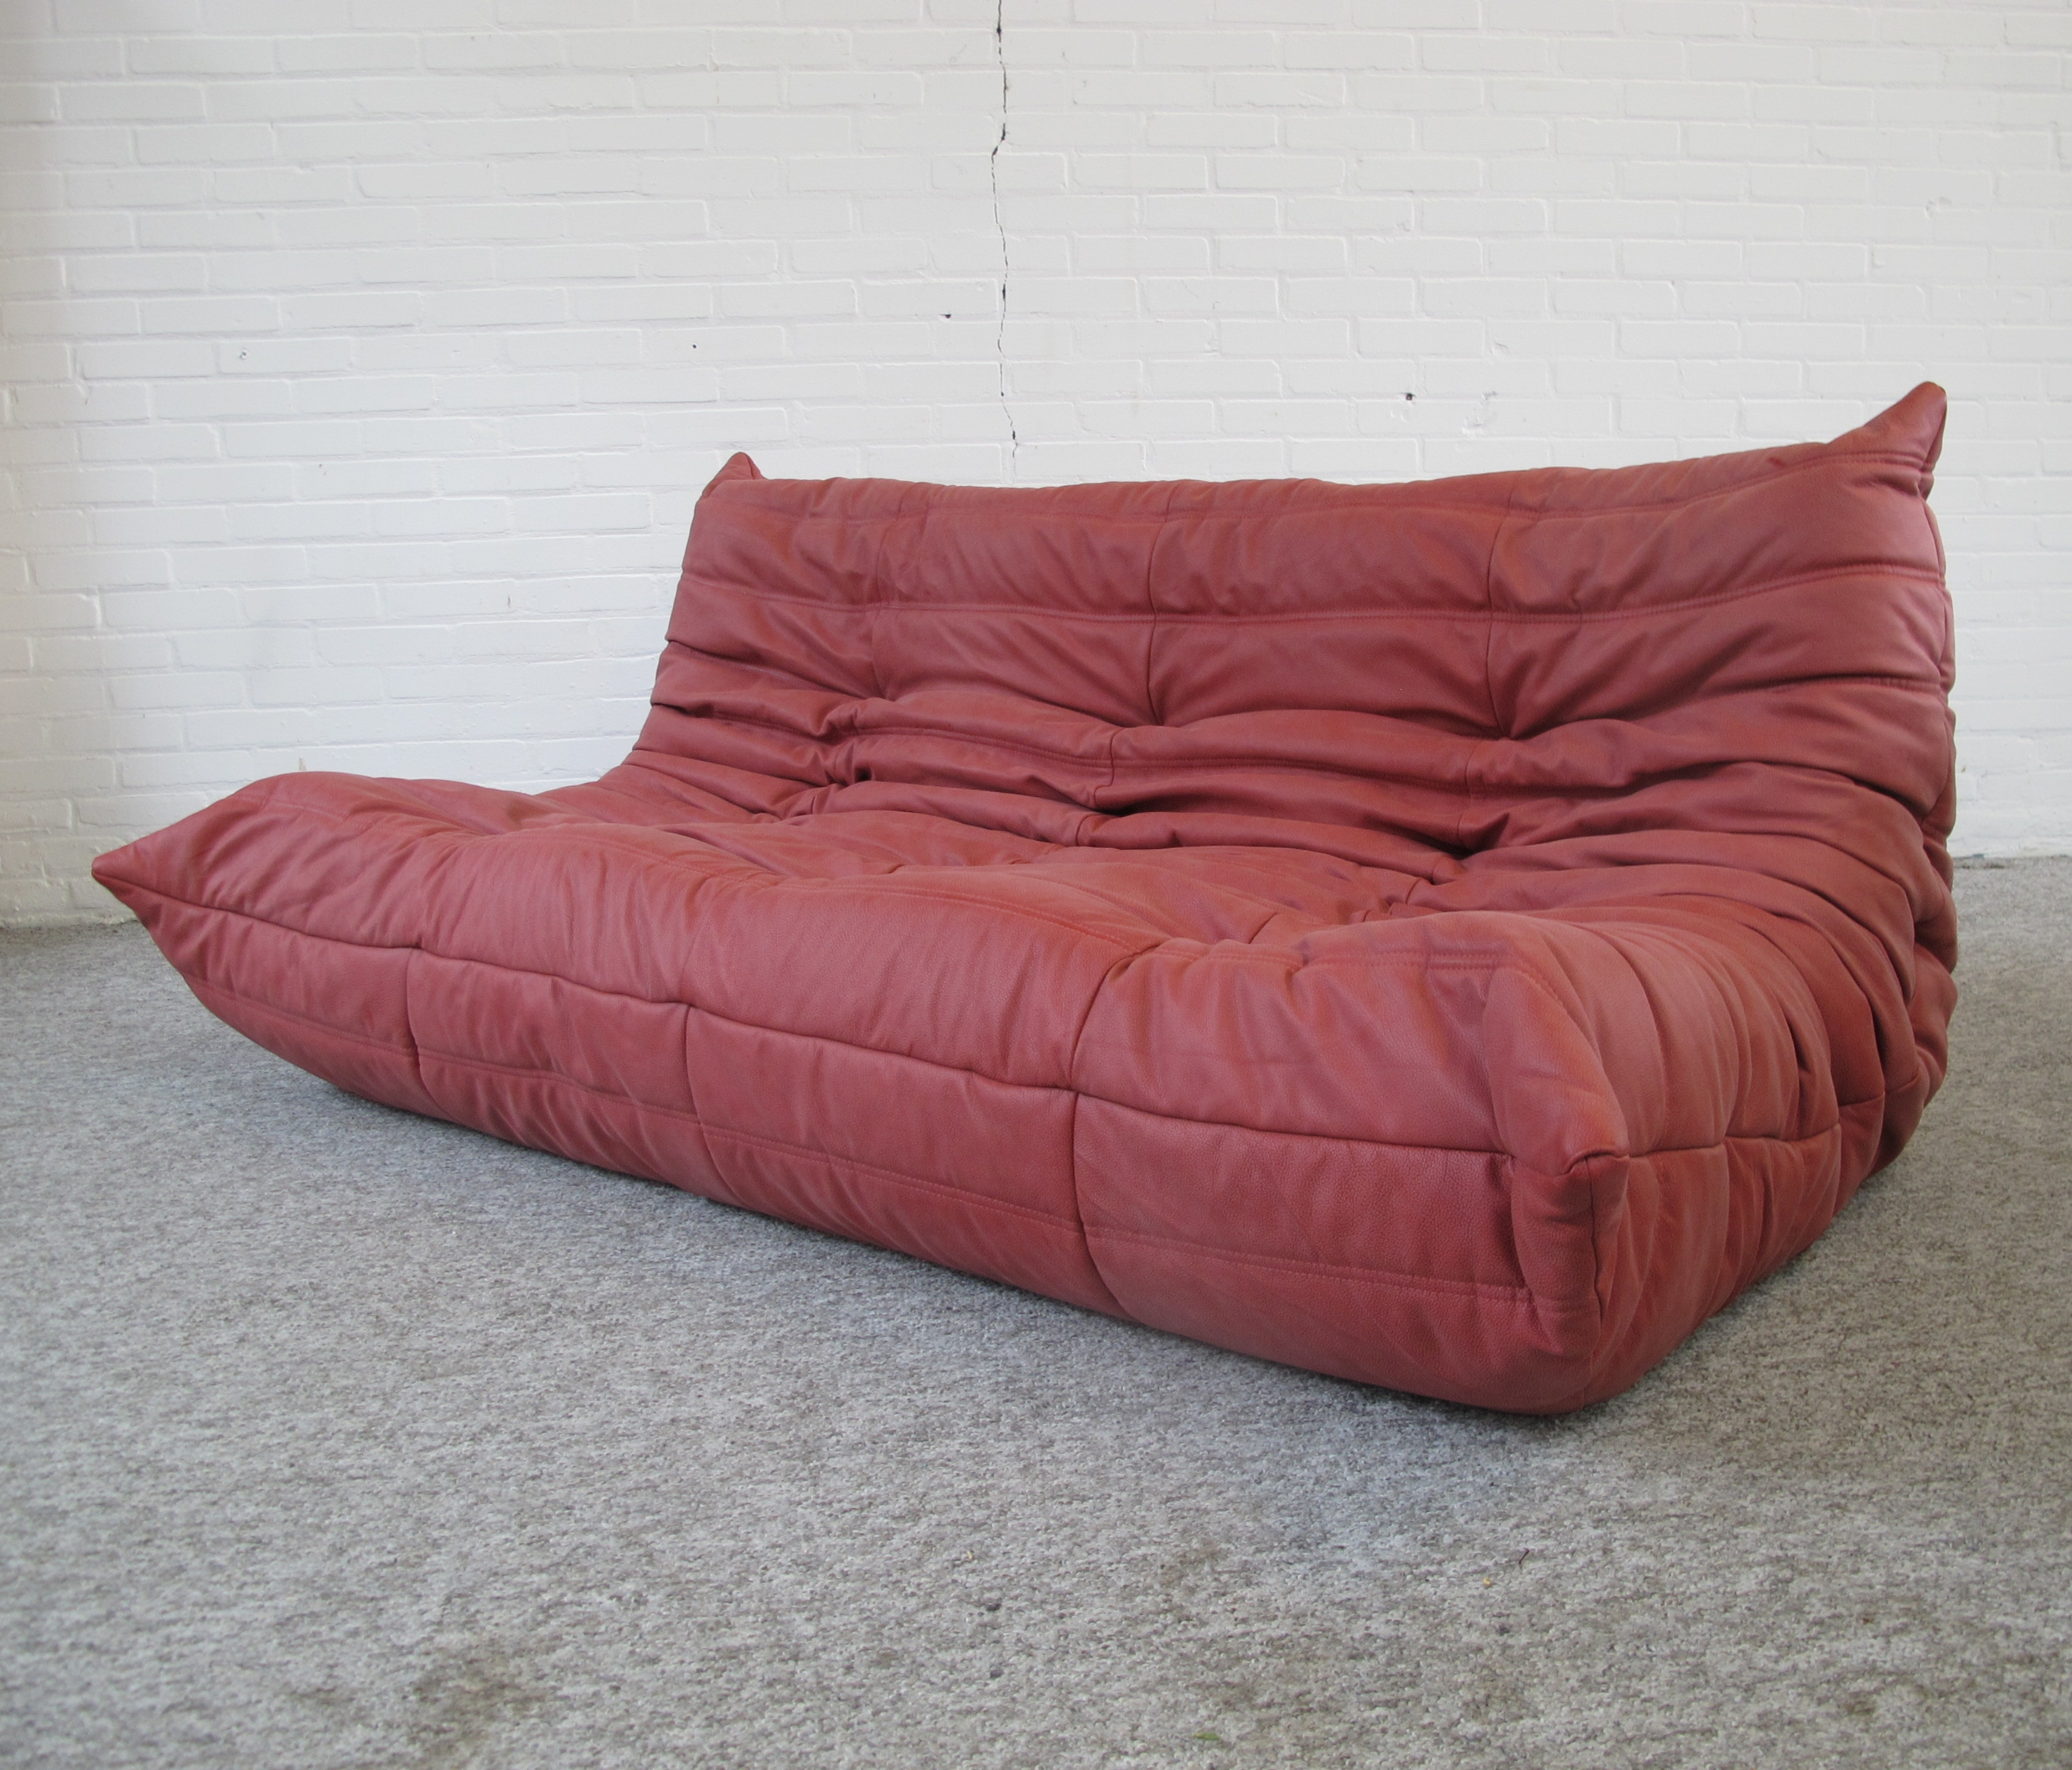 Full Size of Ligne Roset Togo Occasion Knockoff Sofa Gebraucht Sessel Kaufen Farben Replica Uk Chair Wohnzimmer Ligne Roset Togo